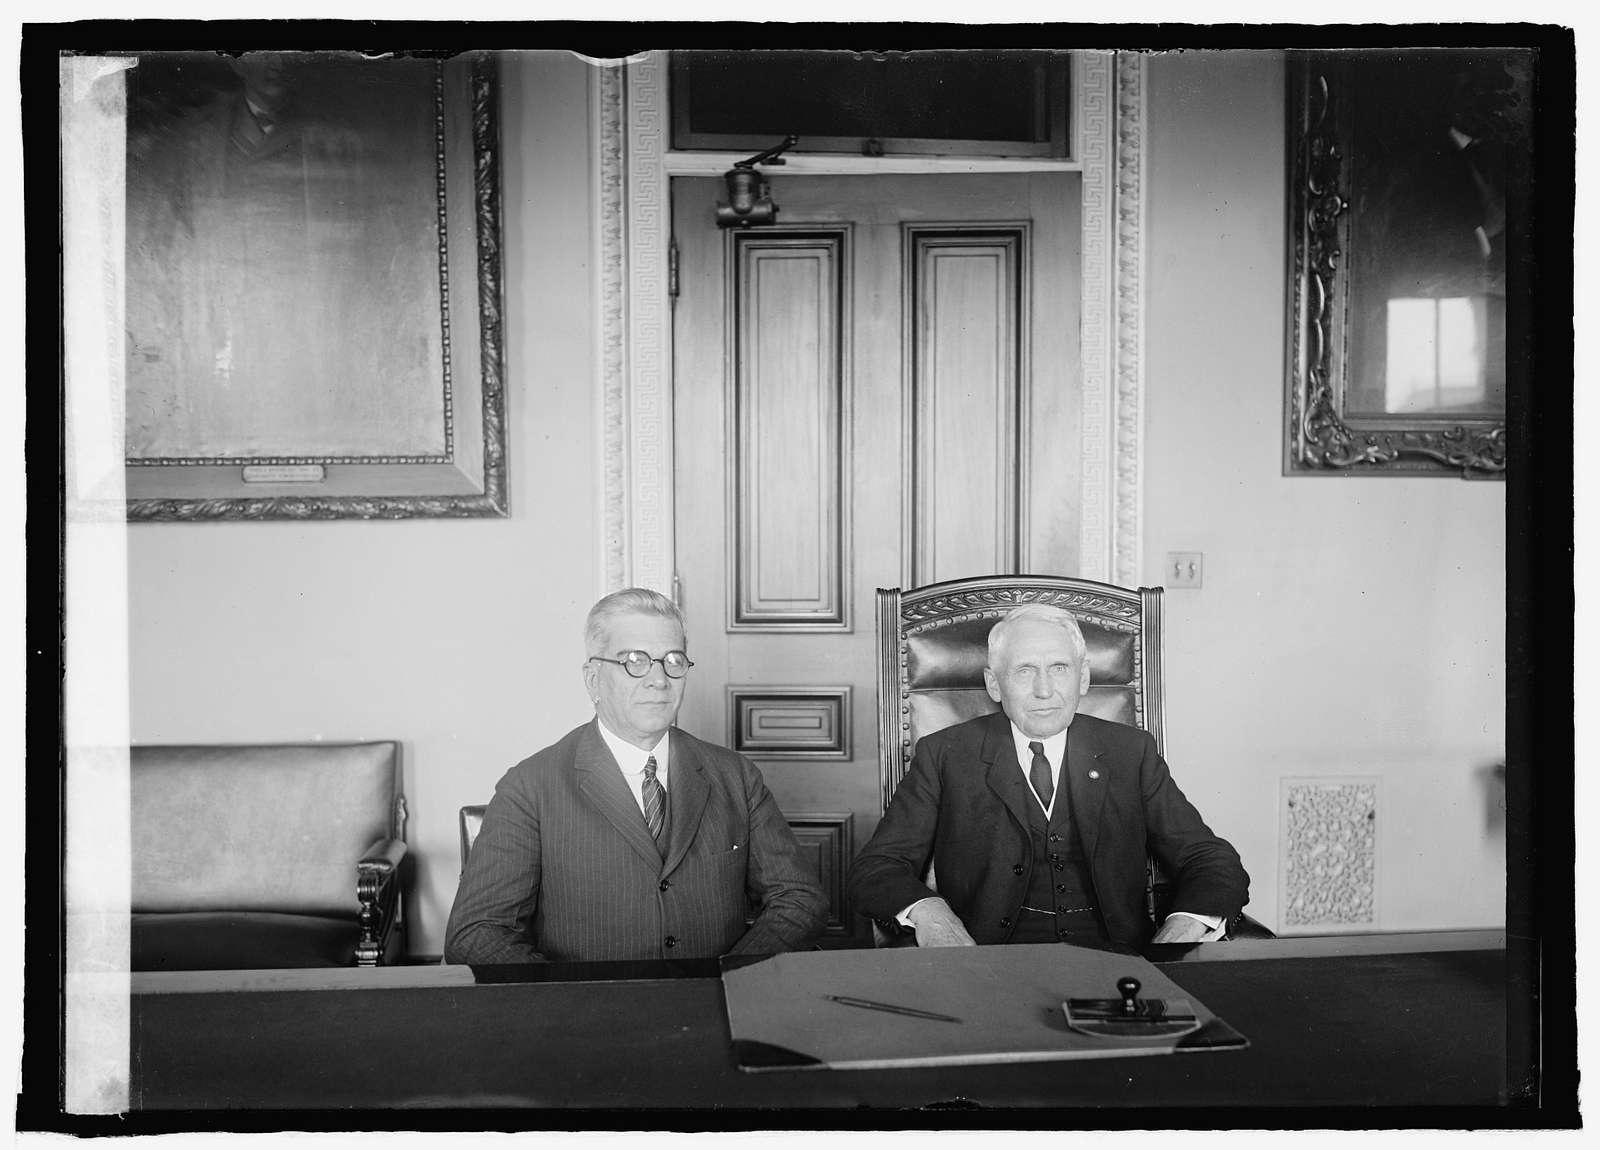 Senor Gerardo Machado and Sec. Kellogg, 41525